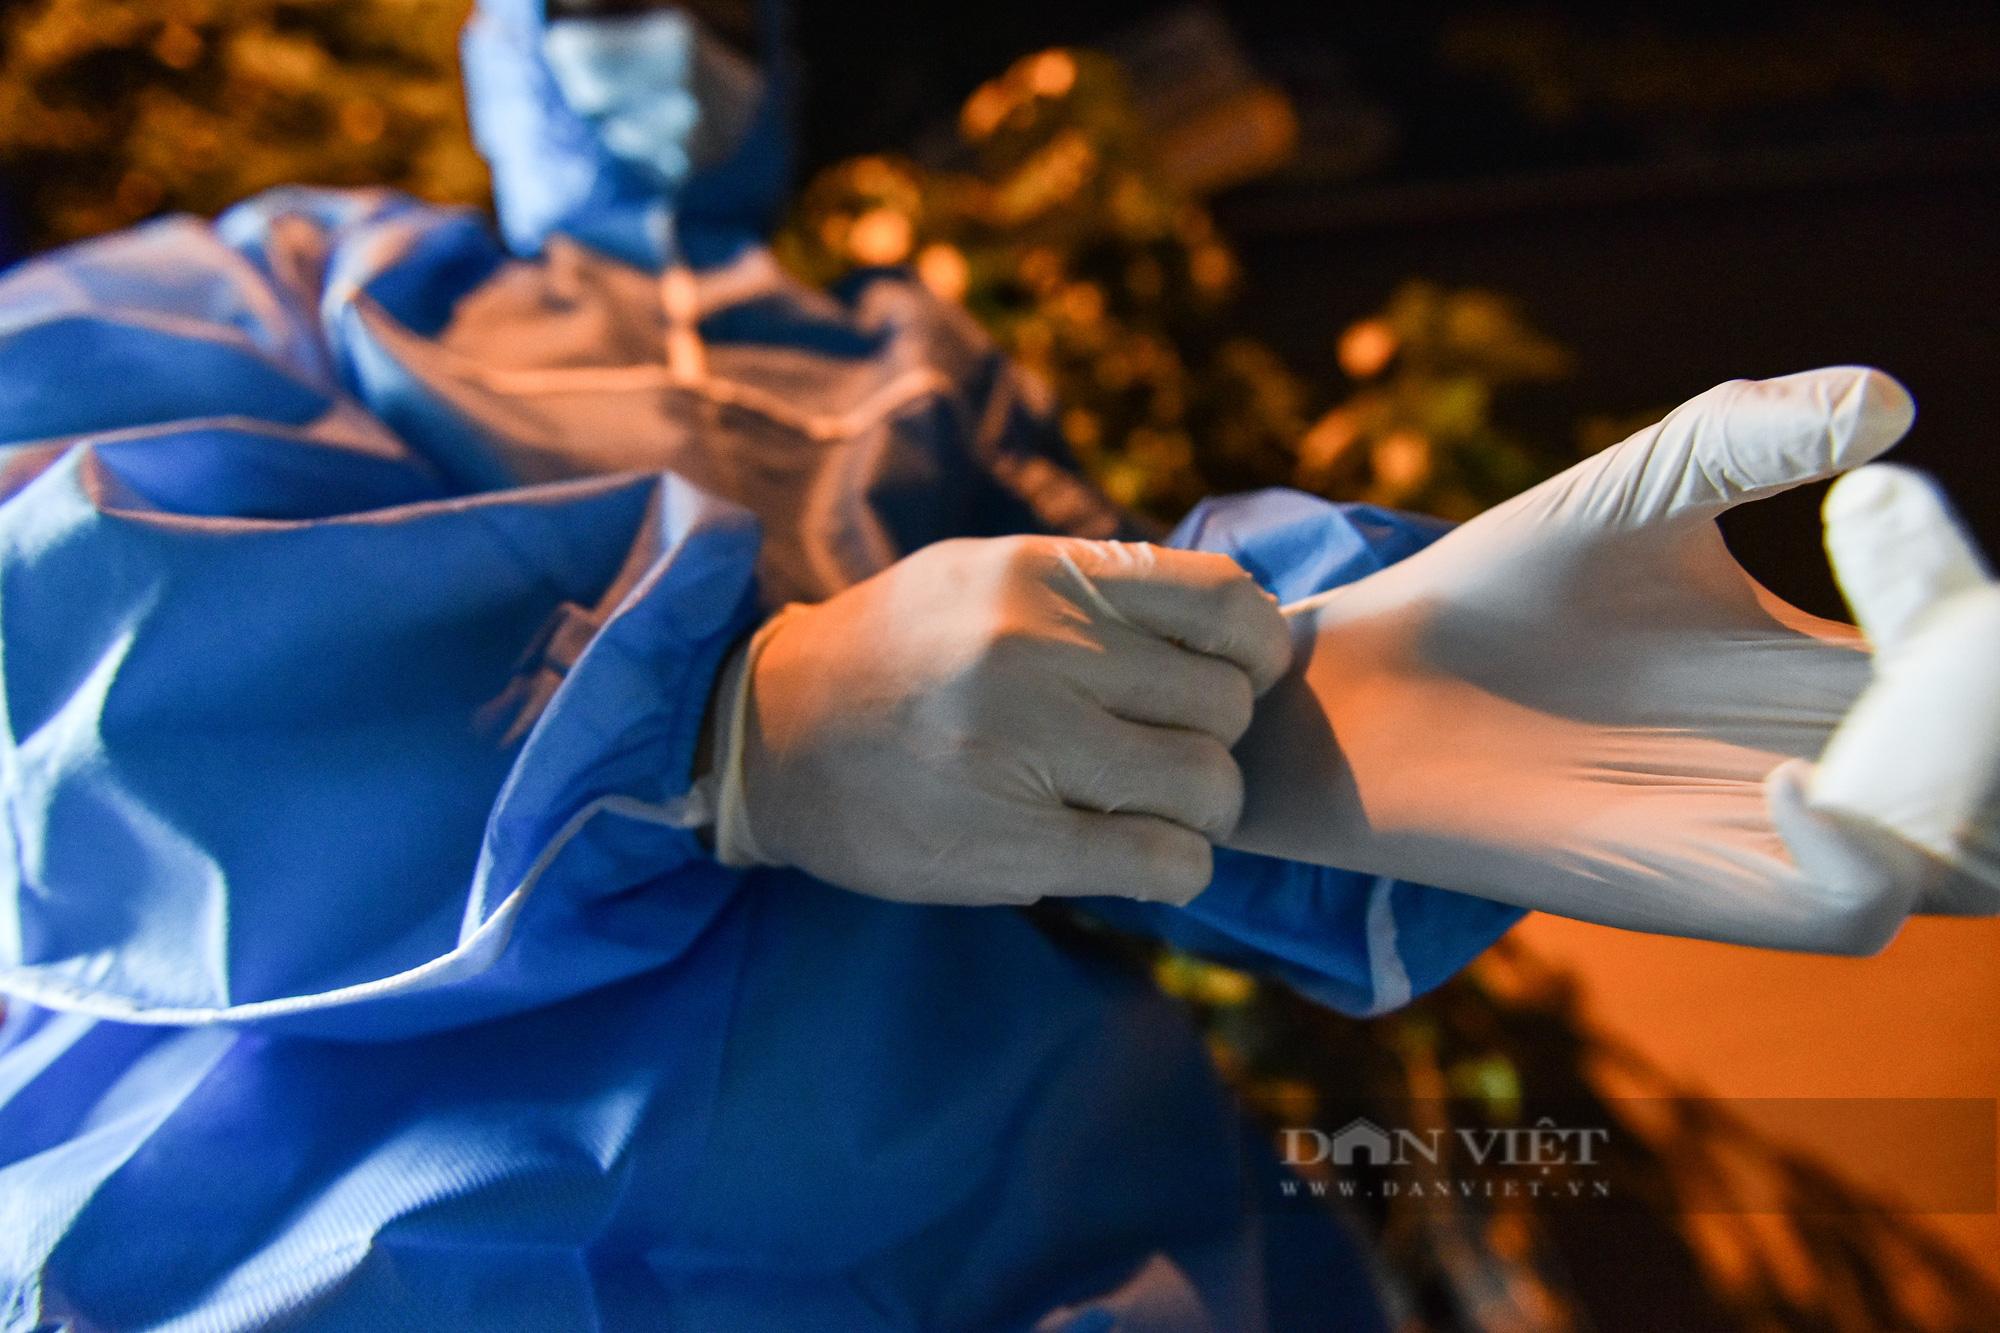 Hà Nội: Dỡ bỏ cách ly y tế với hơn 300 người dân tại phường Chương Dương - Ảnh 5.